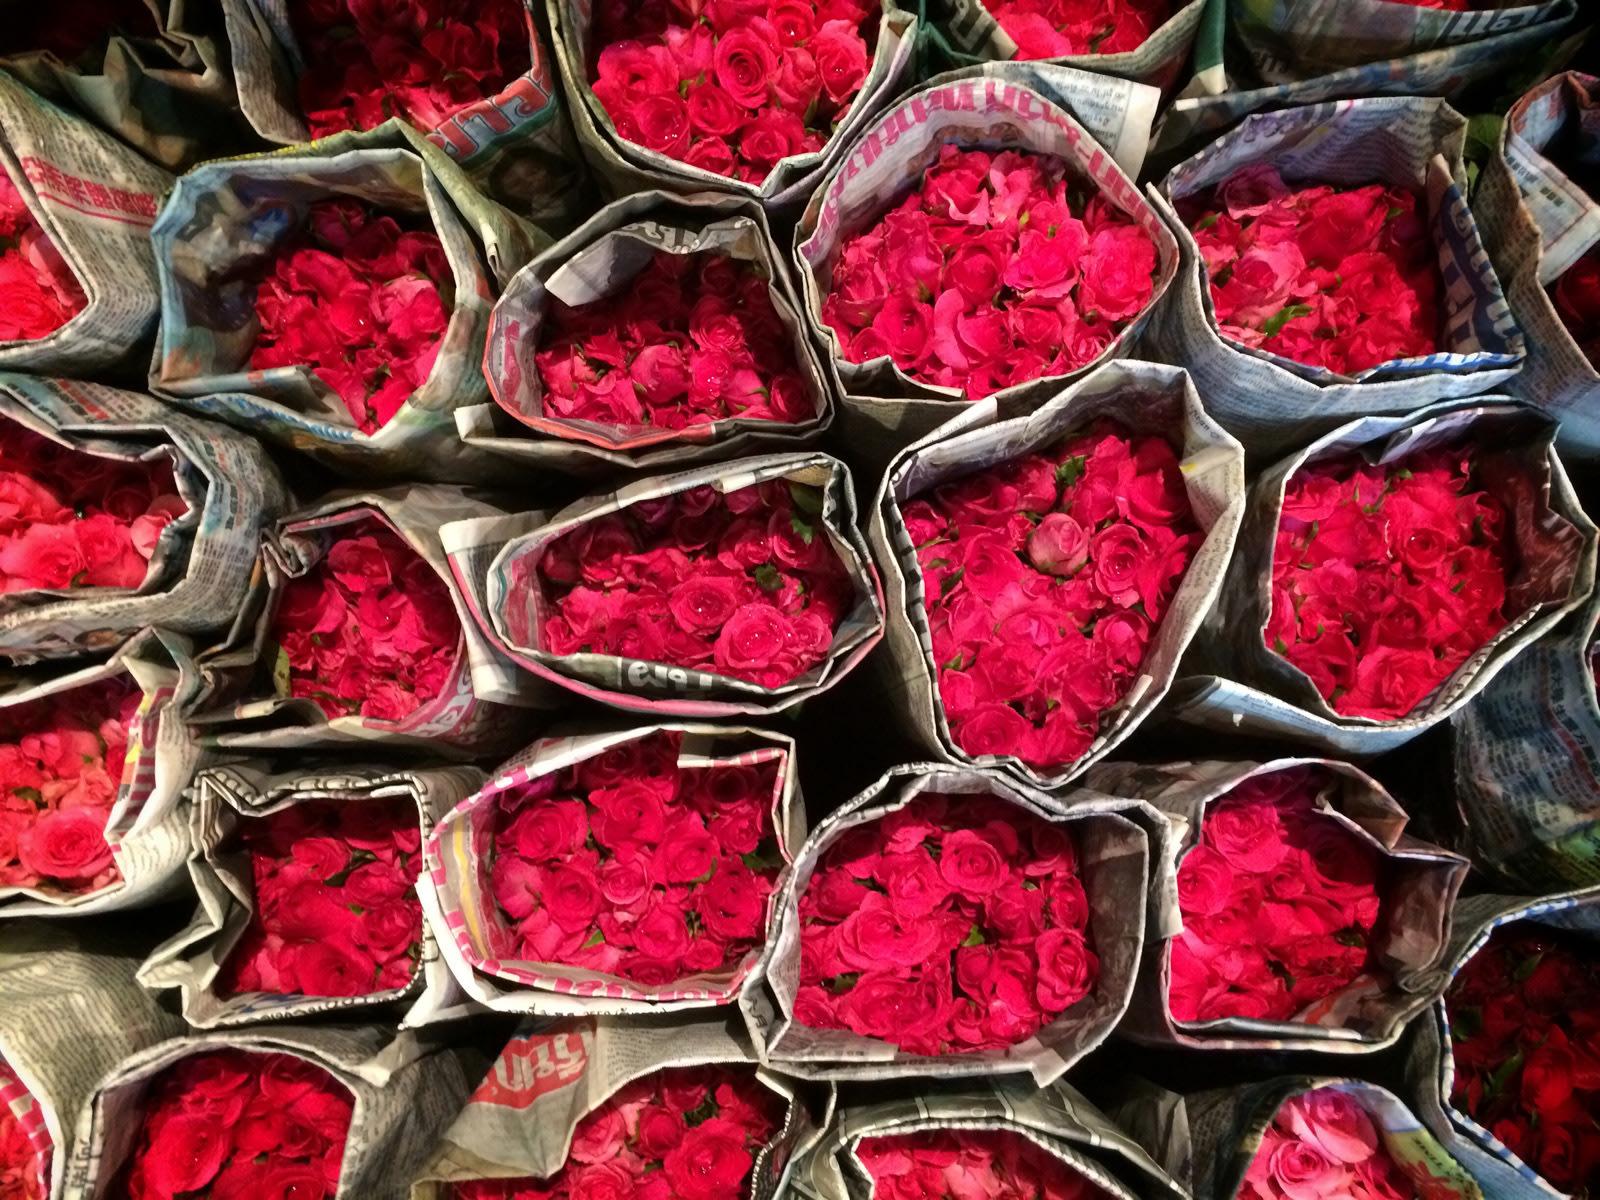 I colori del mercato dei fiori